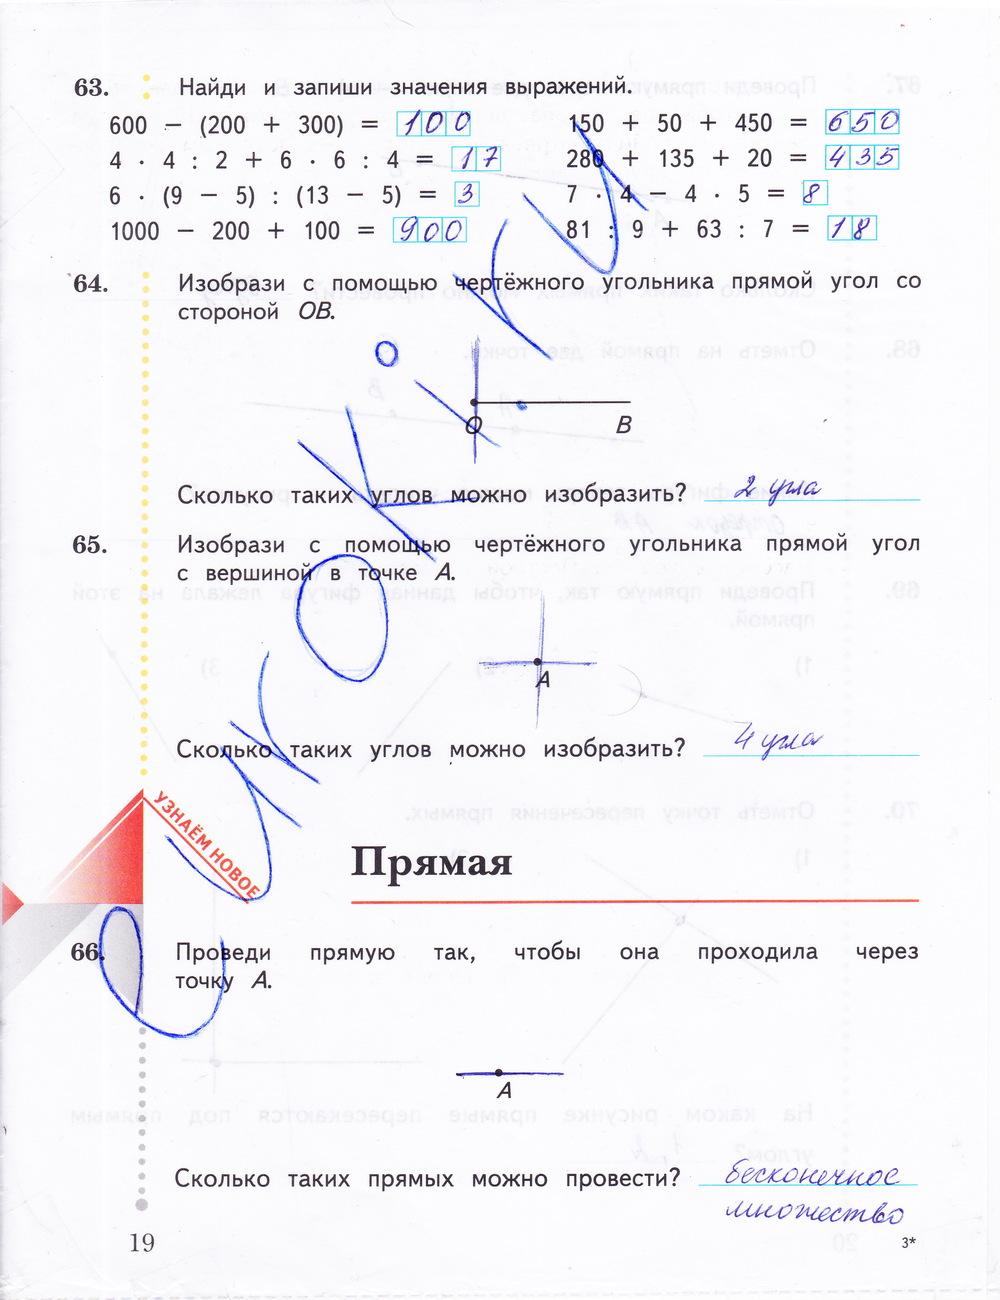 2 тетрадь по граф математике рабочая вентана класс решебник